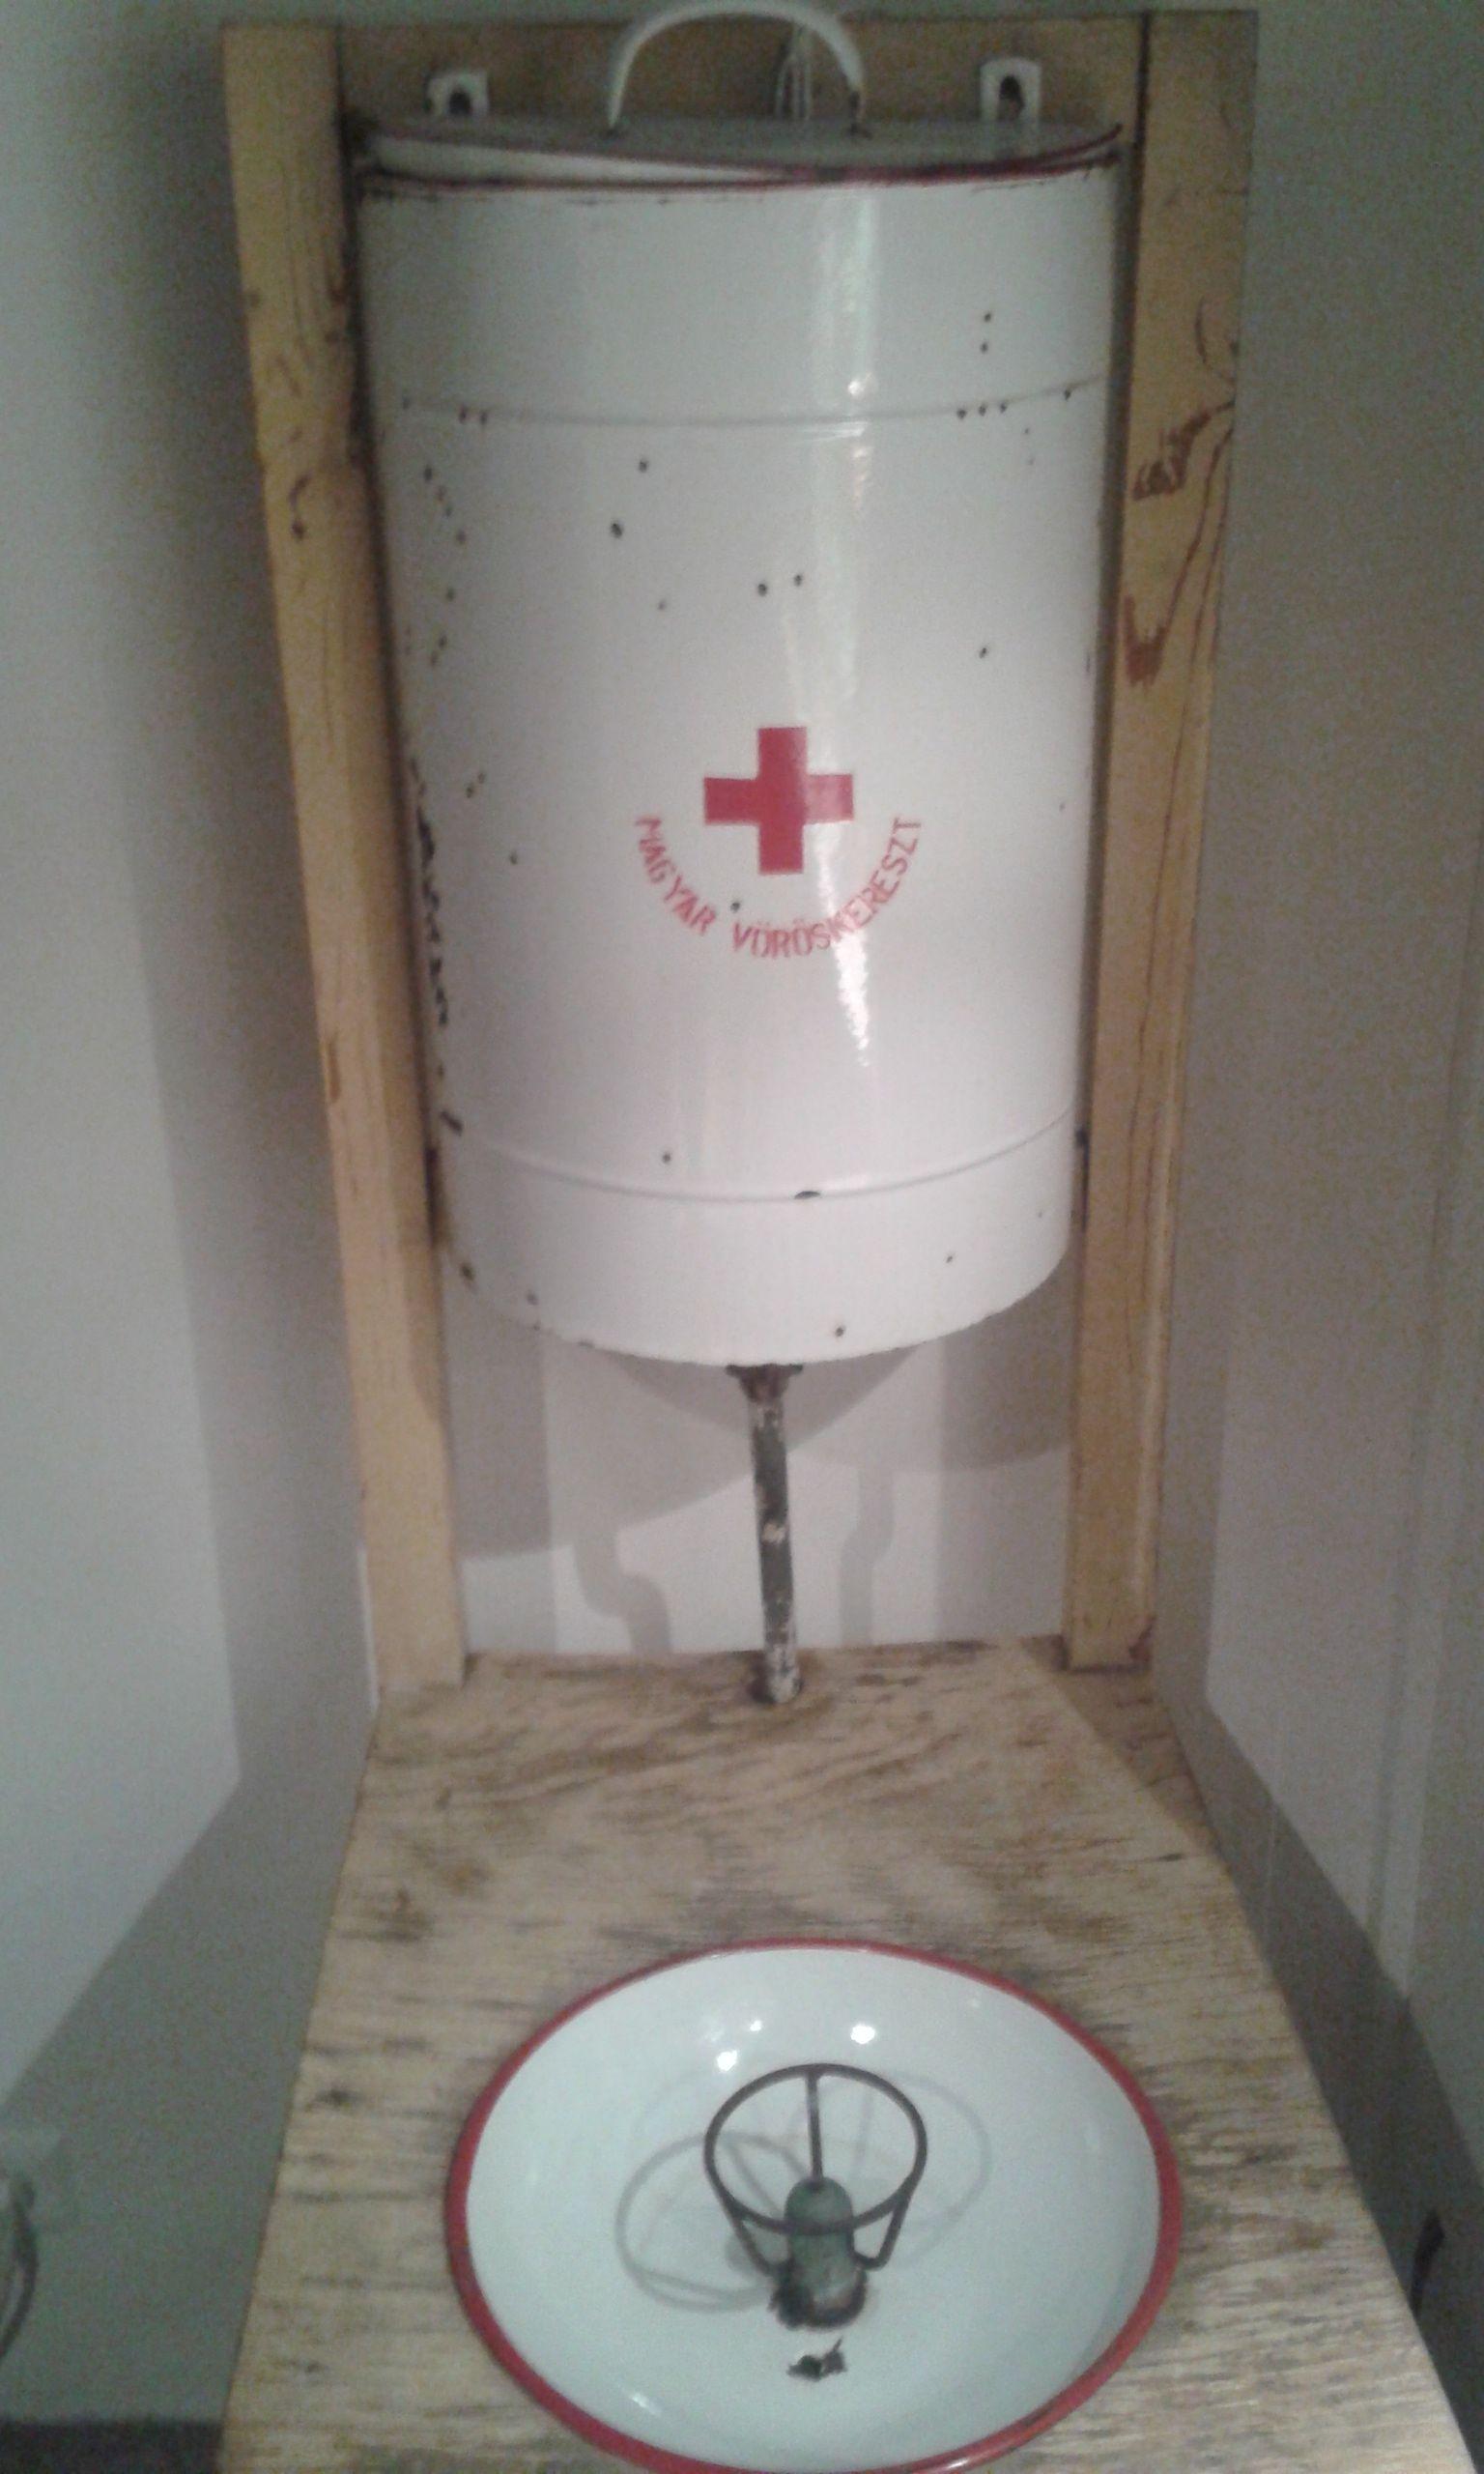 10 - Vöröskeresztes ivókút